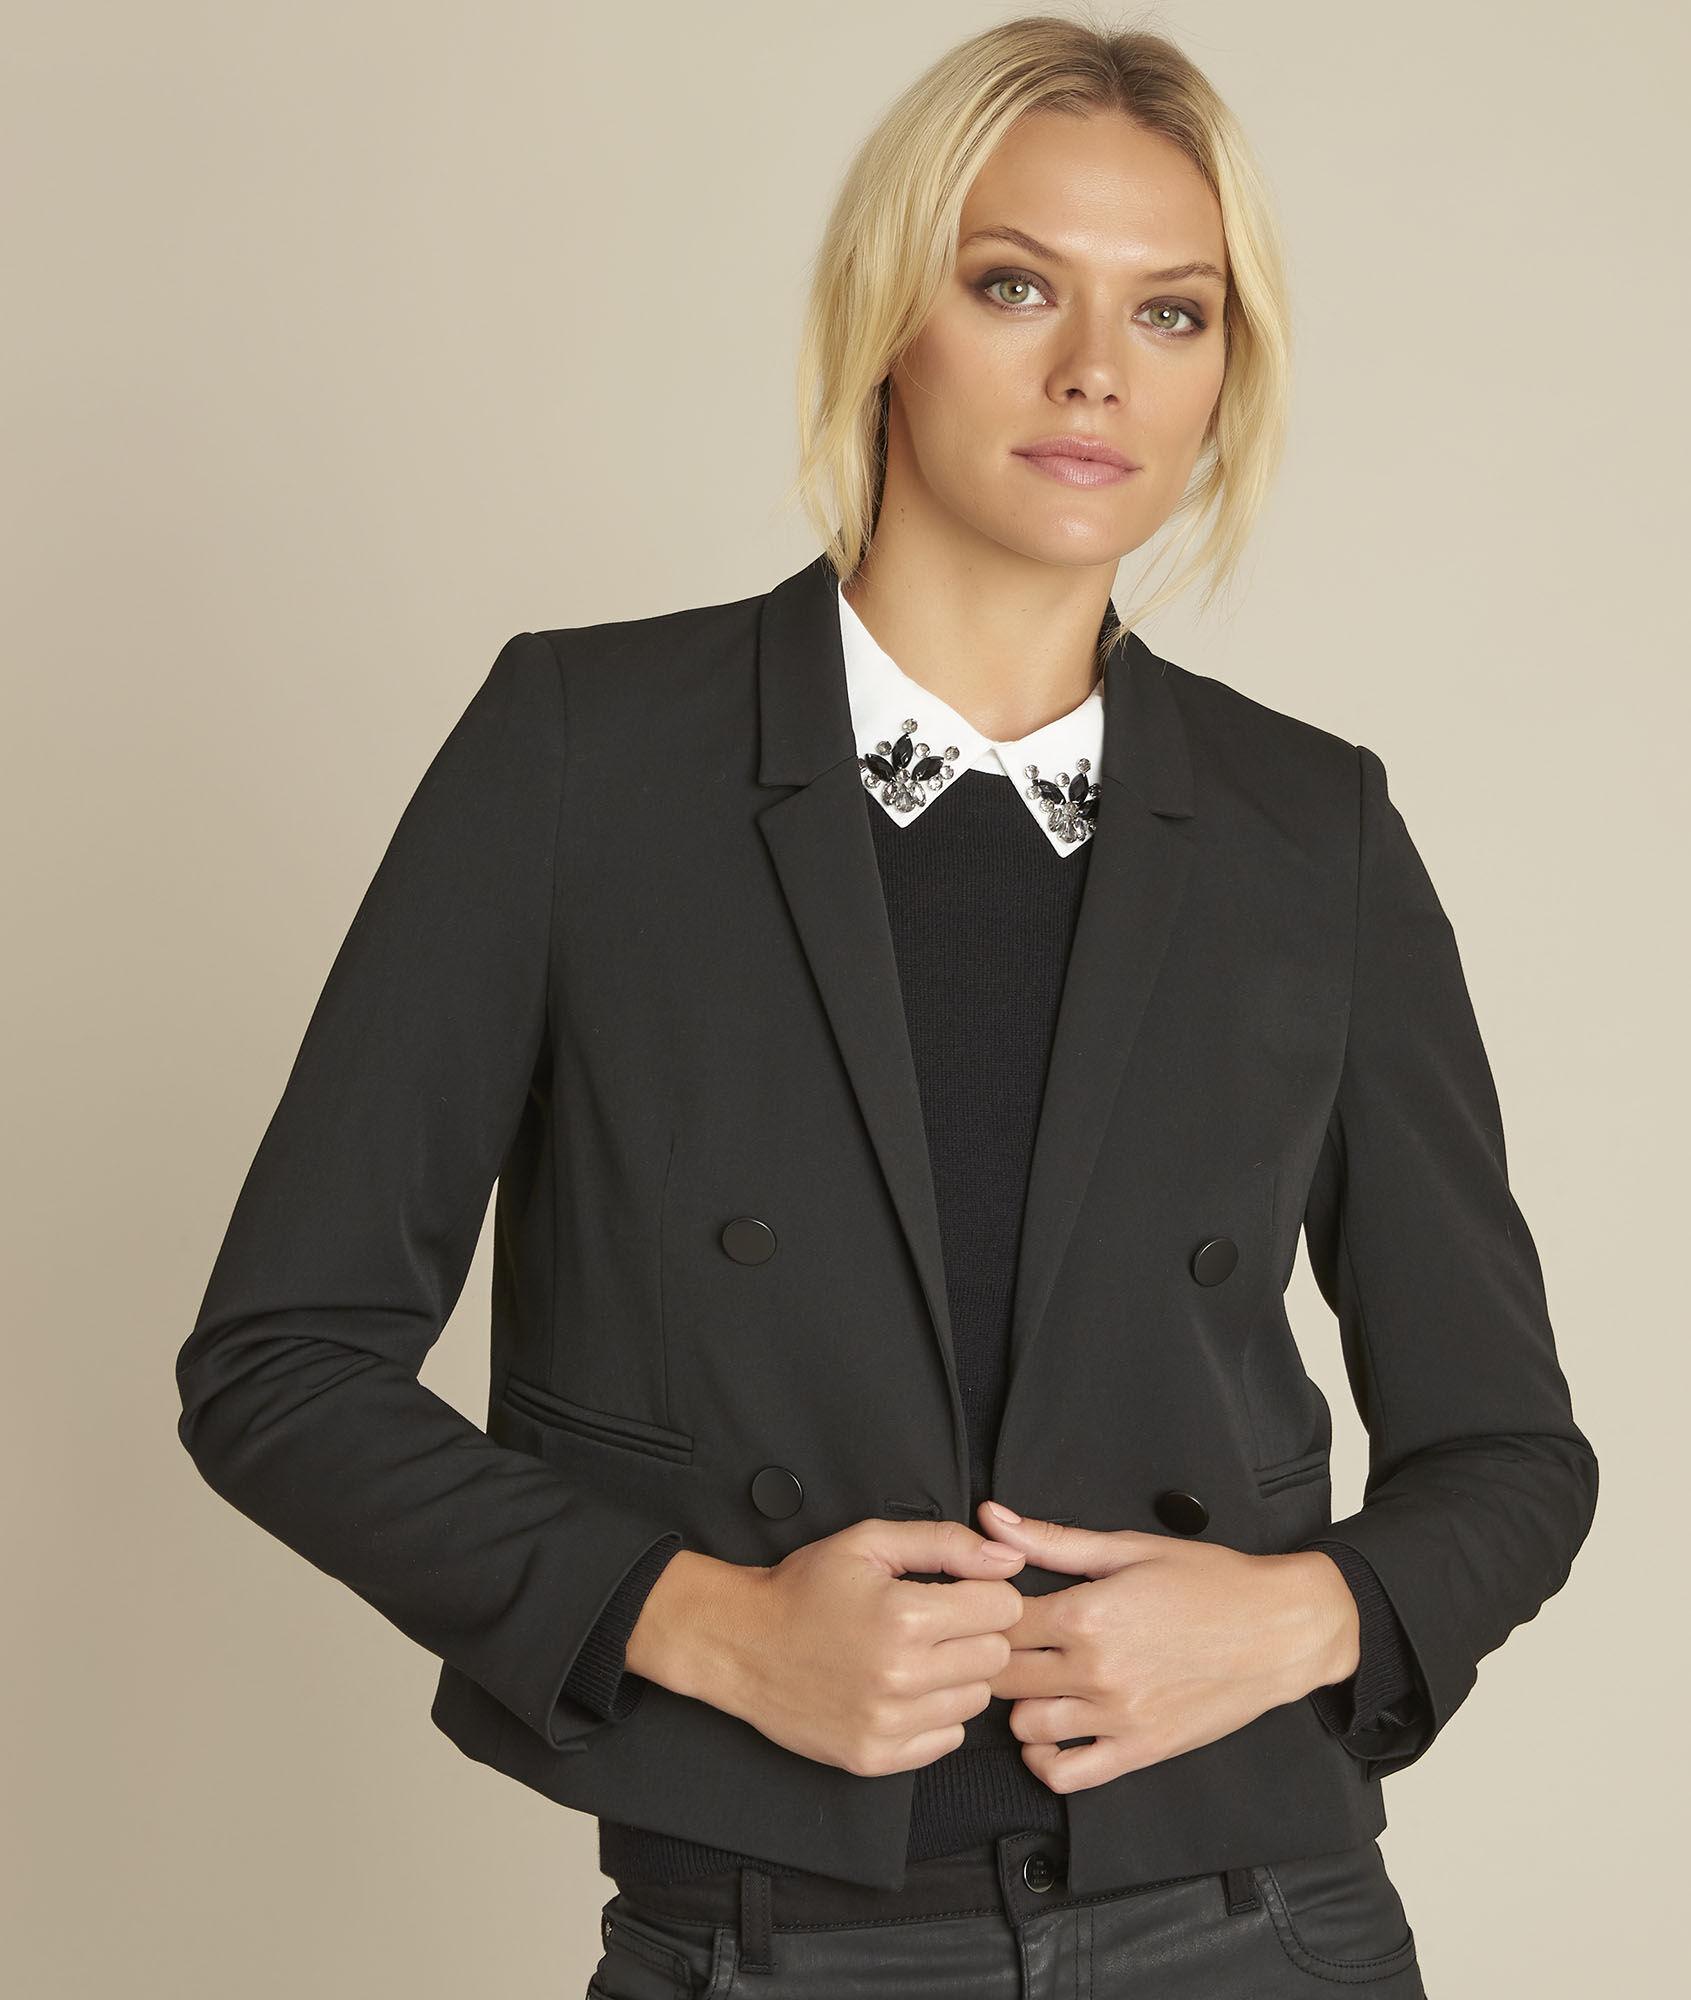 Veste Femme Chics Tailleurs Noires Vestes q6Owqf